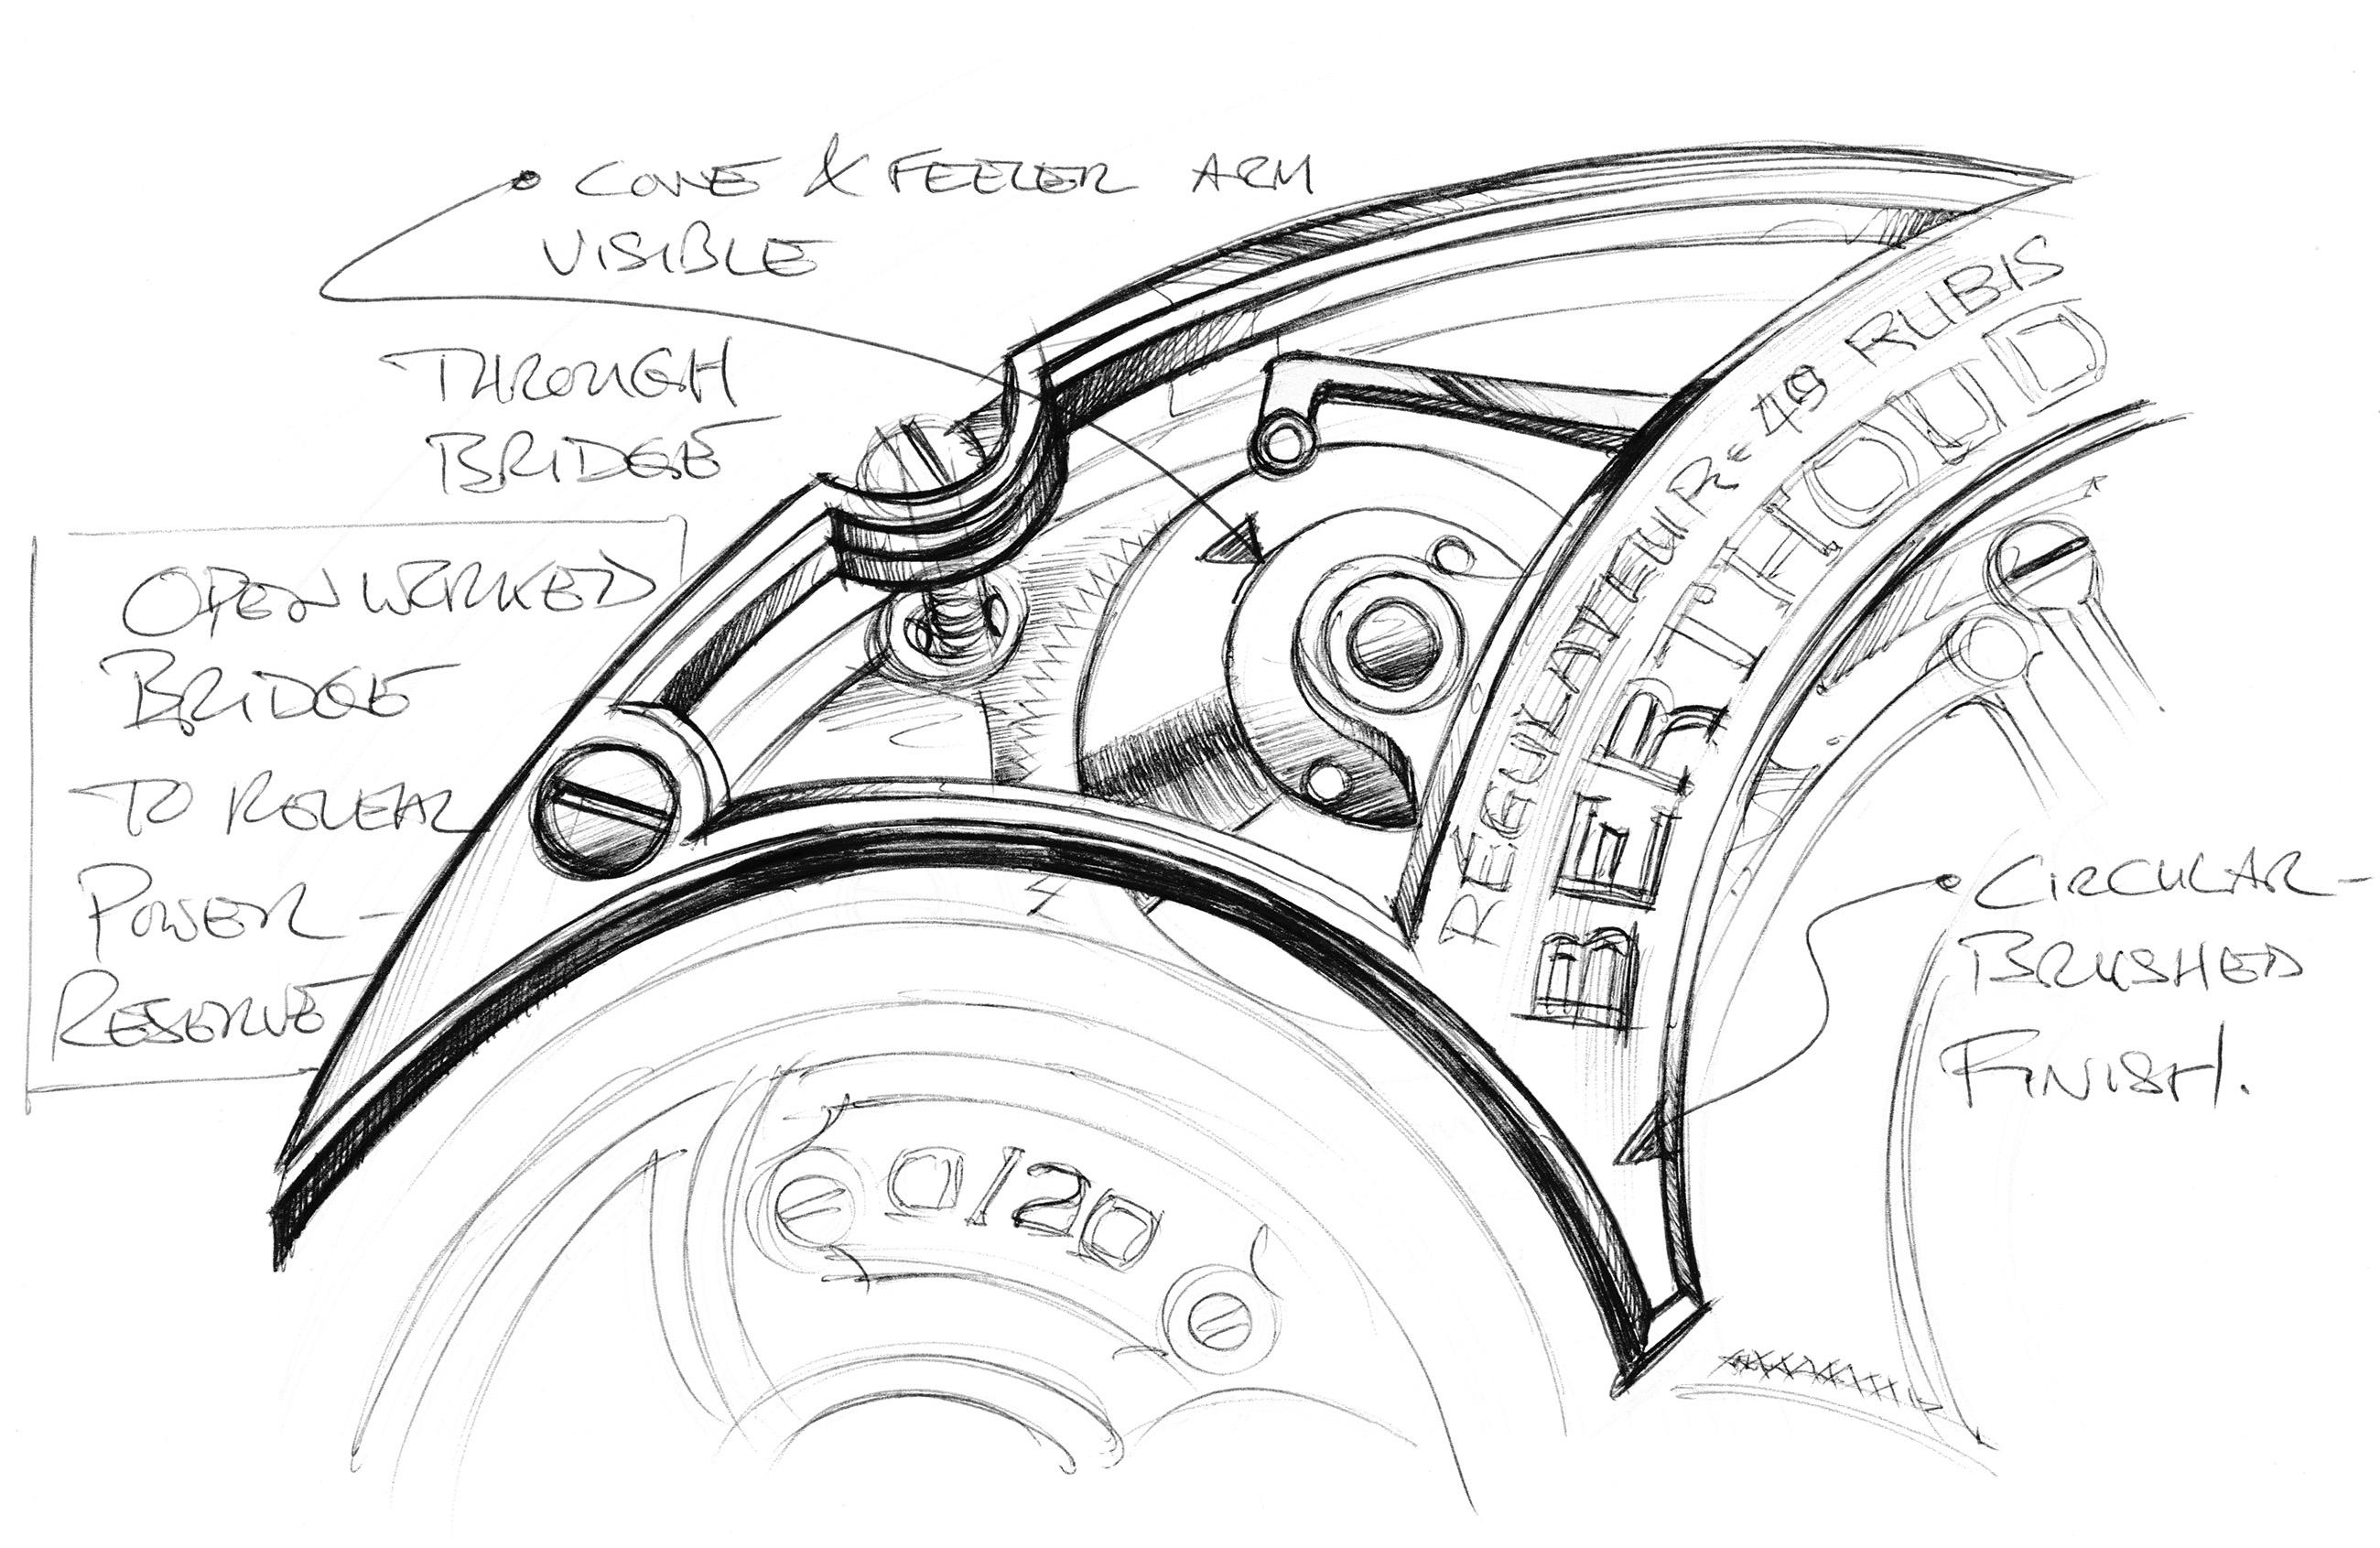 Fb 1.4 - Drawings 2 copy